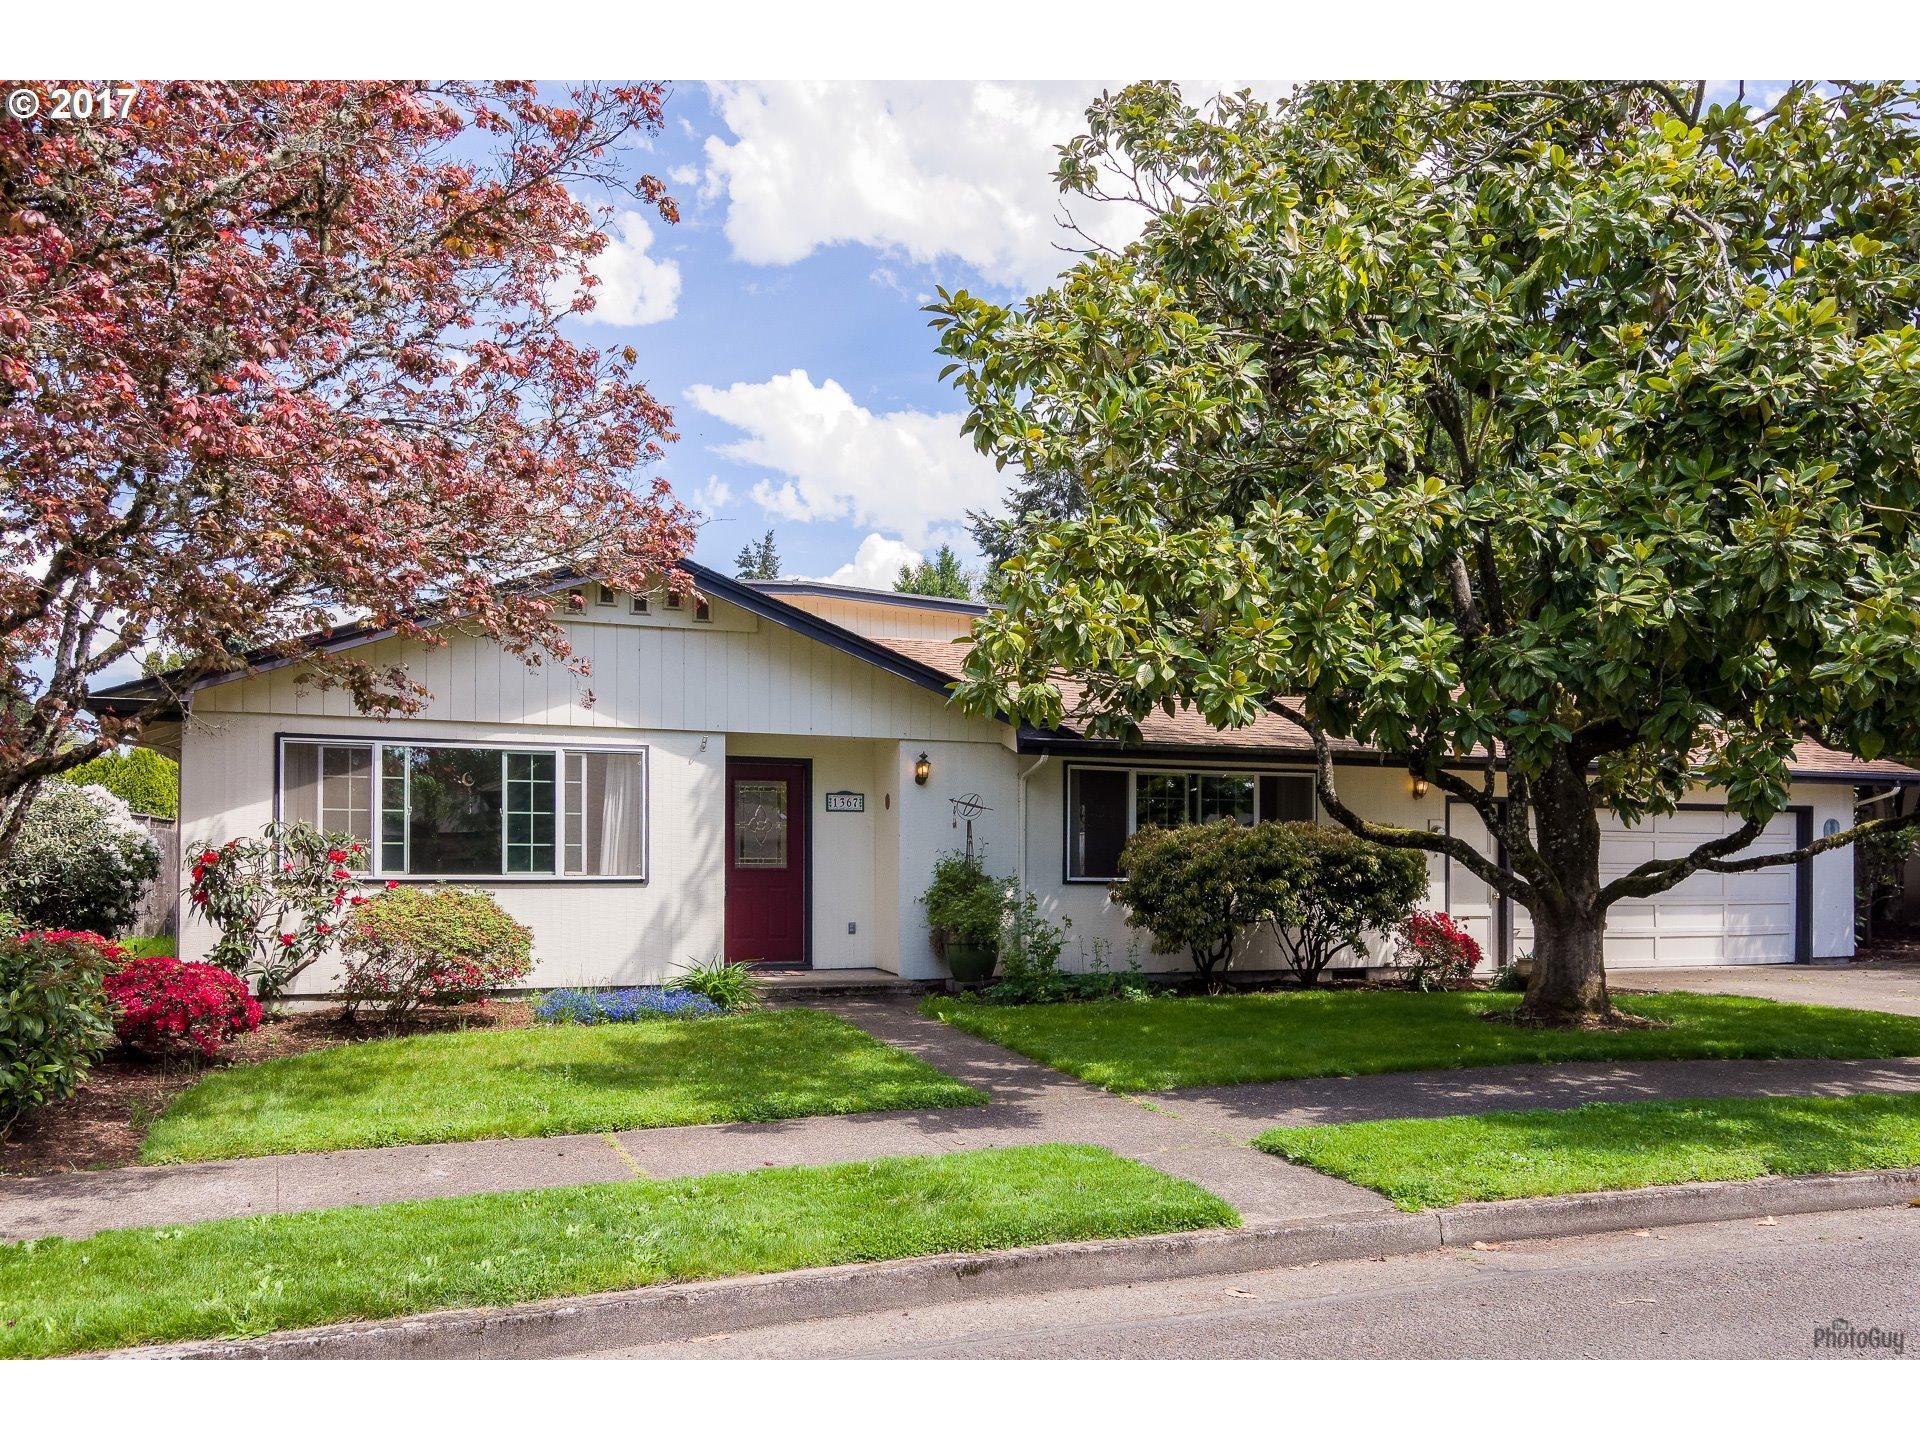 1367 JEPPESEN AVE, Eugene, OR 97401